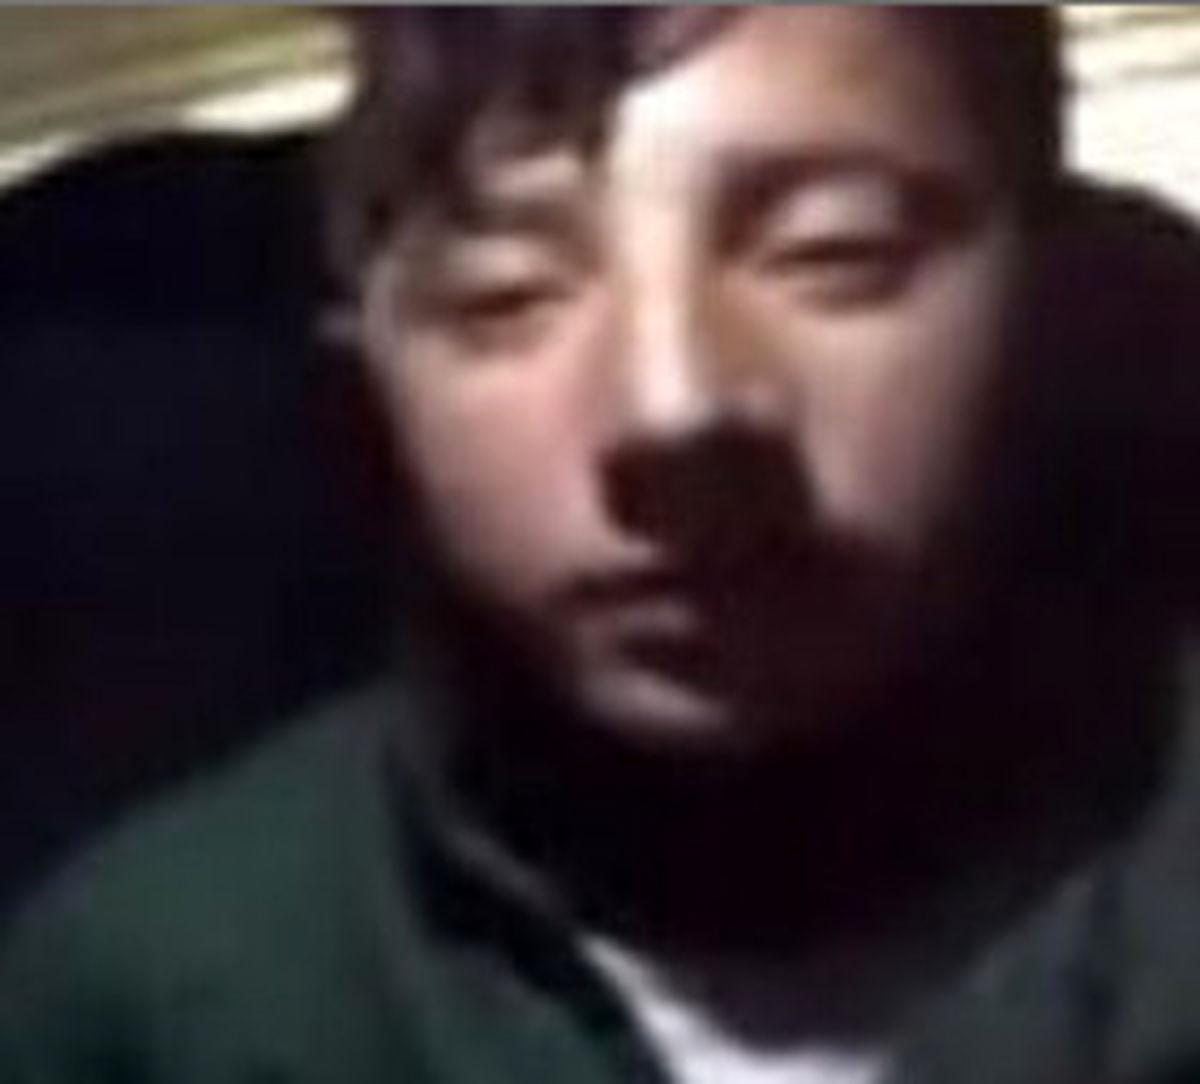 کودک کار آزار دیده پیدا شد؛ اسمش زلمه و افغانستانی است